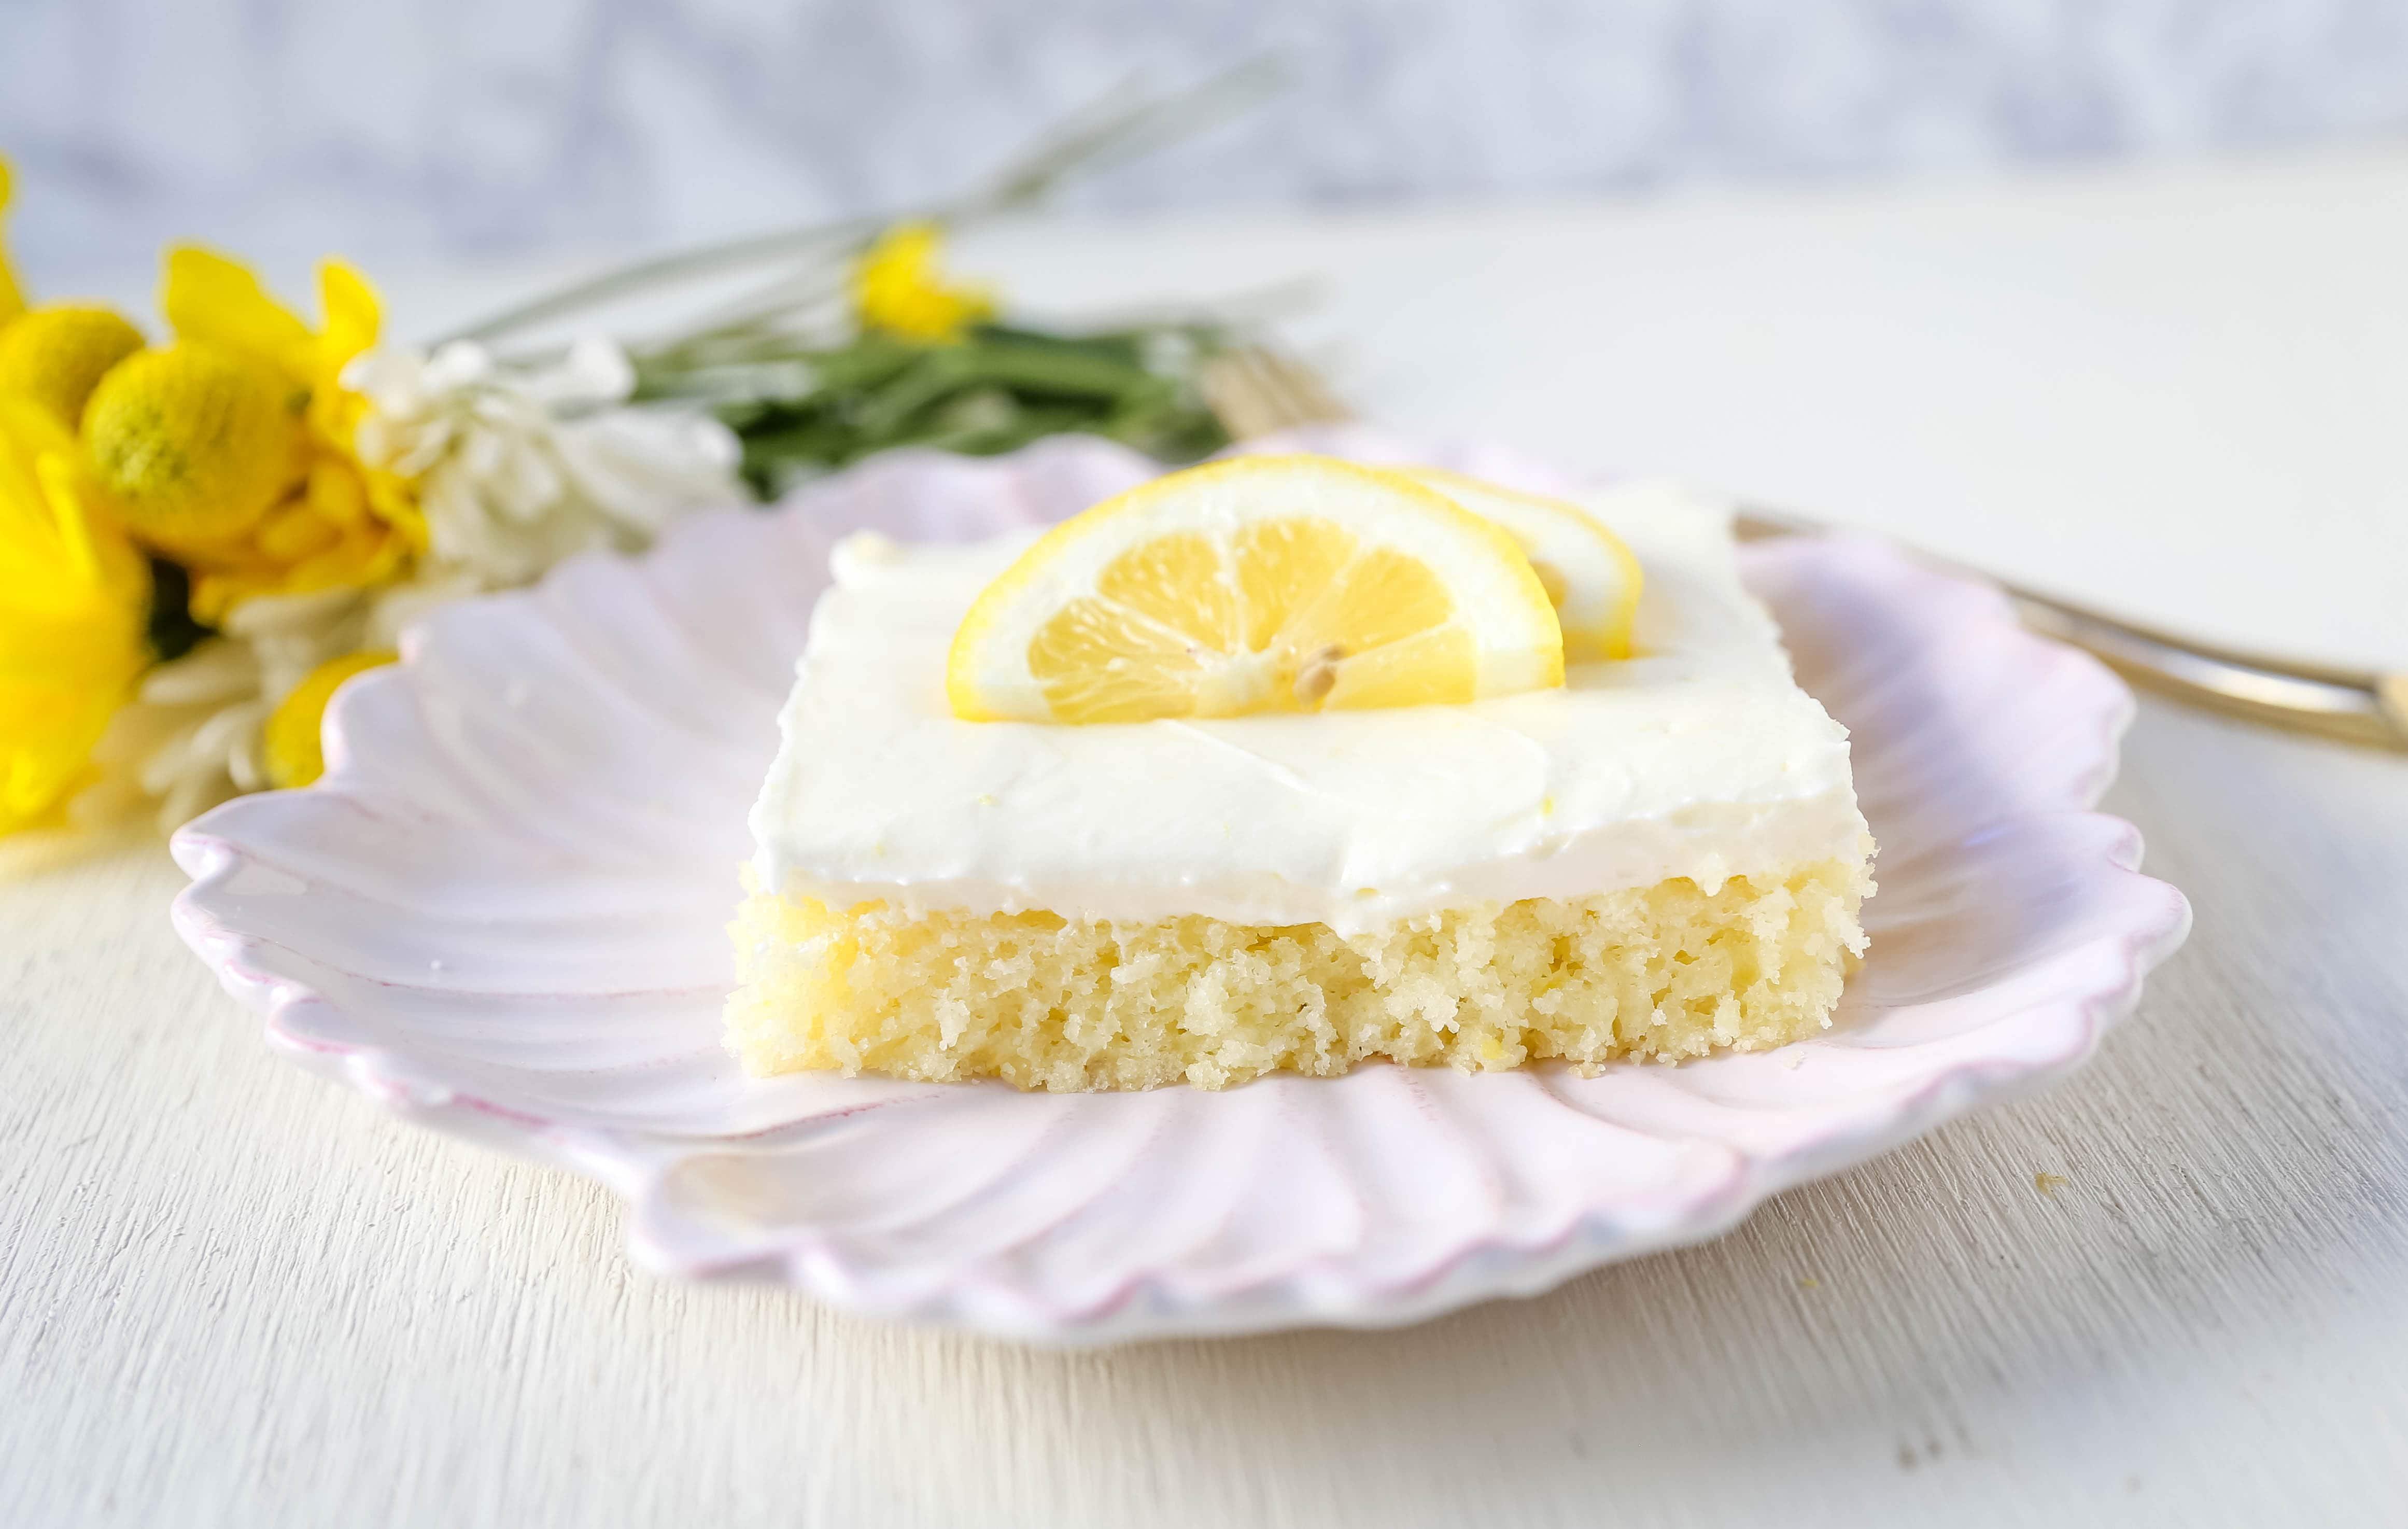 Lemon Sheet Cake Recipe. Moist sour cream lemon sheet cake recipe with a fresh lemon cream cheese frosting. #lemonsheetcake #cake